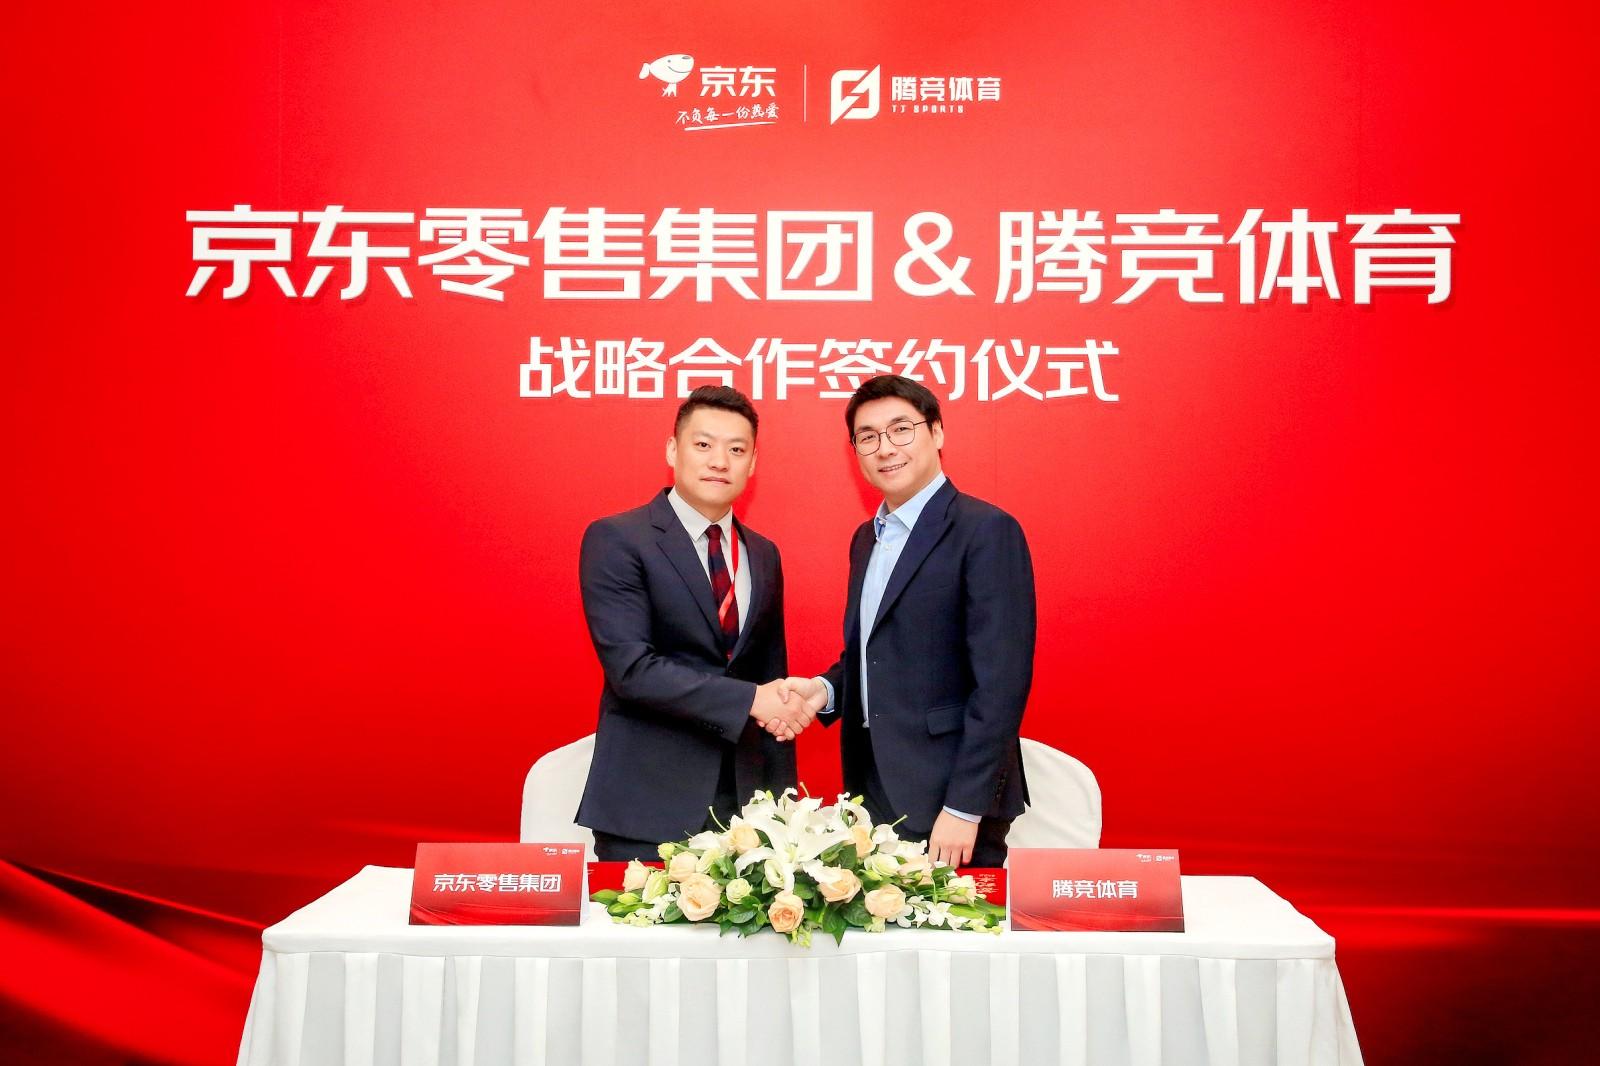 京东与腾竞体育战略合作 成英雄联盟官方合作伙伴